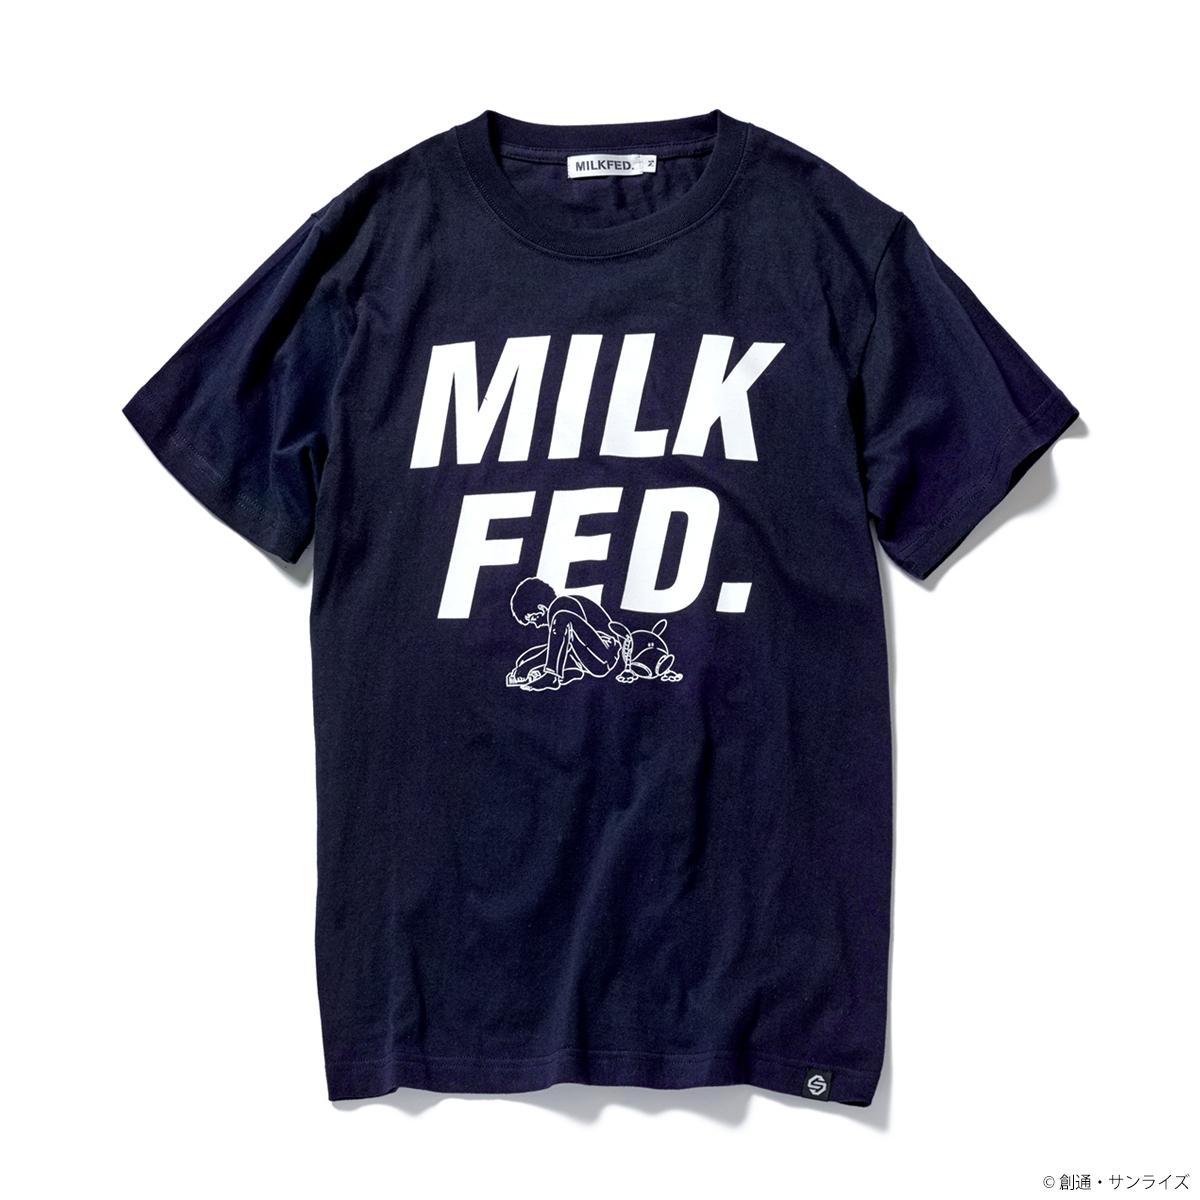 STRICT-G MILKFED.『機動戦士ガンダム』 Tシャツ アムロ・レイ